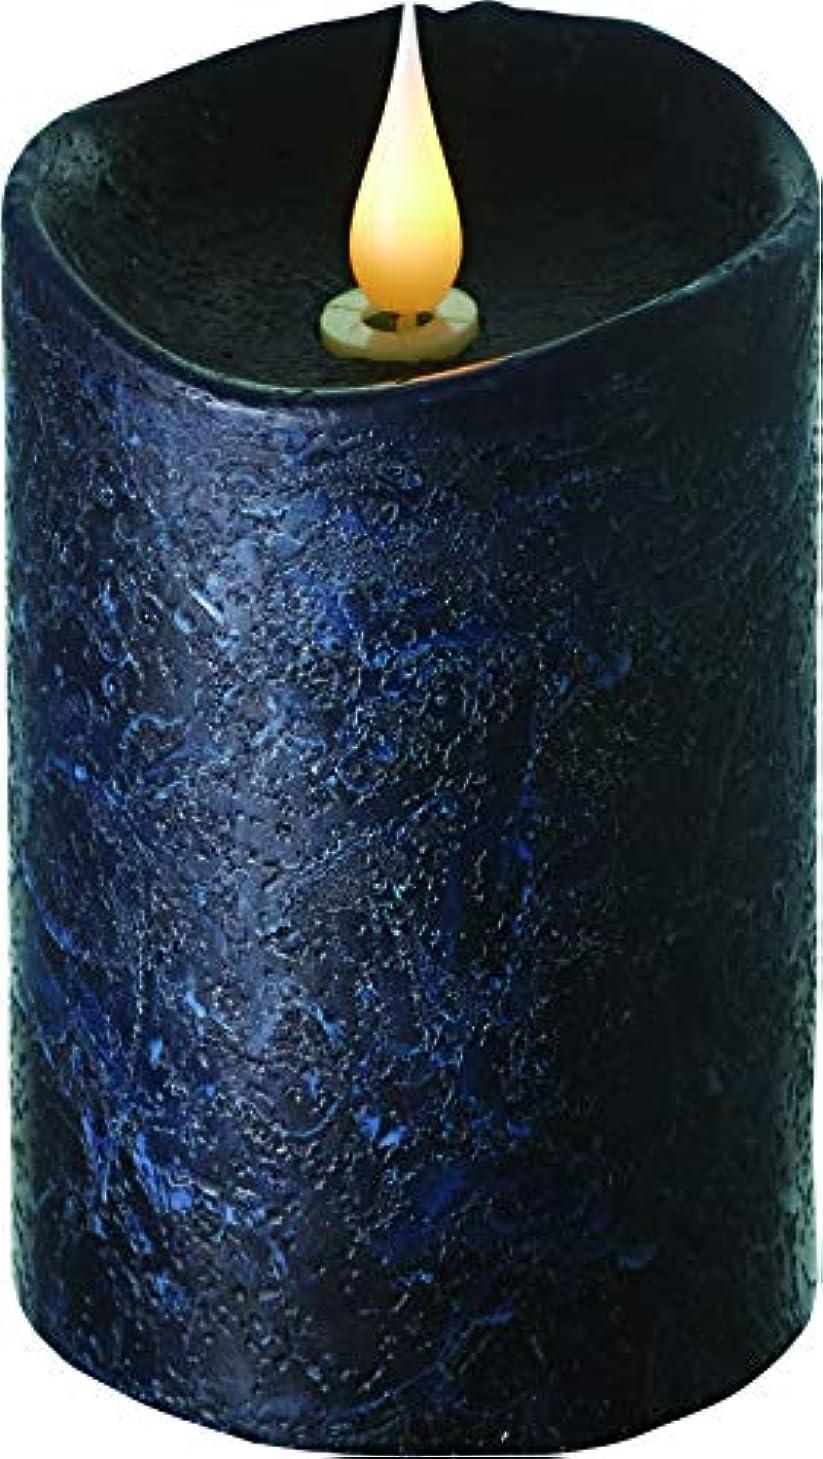 帰する爬虫類複合エンキンドル 3D LEDキャンドル ラスティクピラー 直径7.6cm×高さ13.5cm ブラック